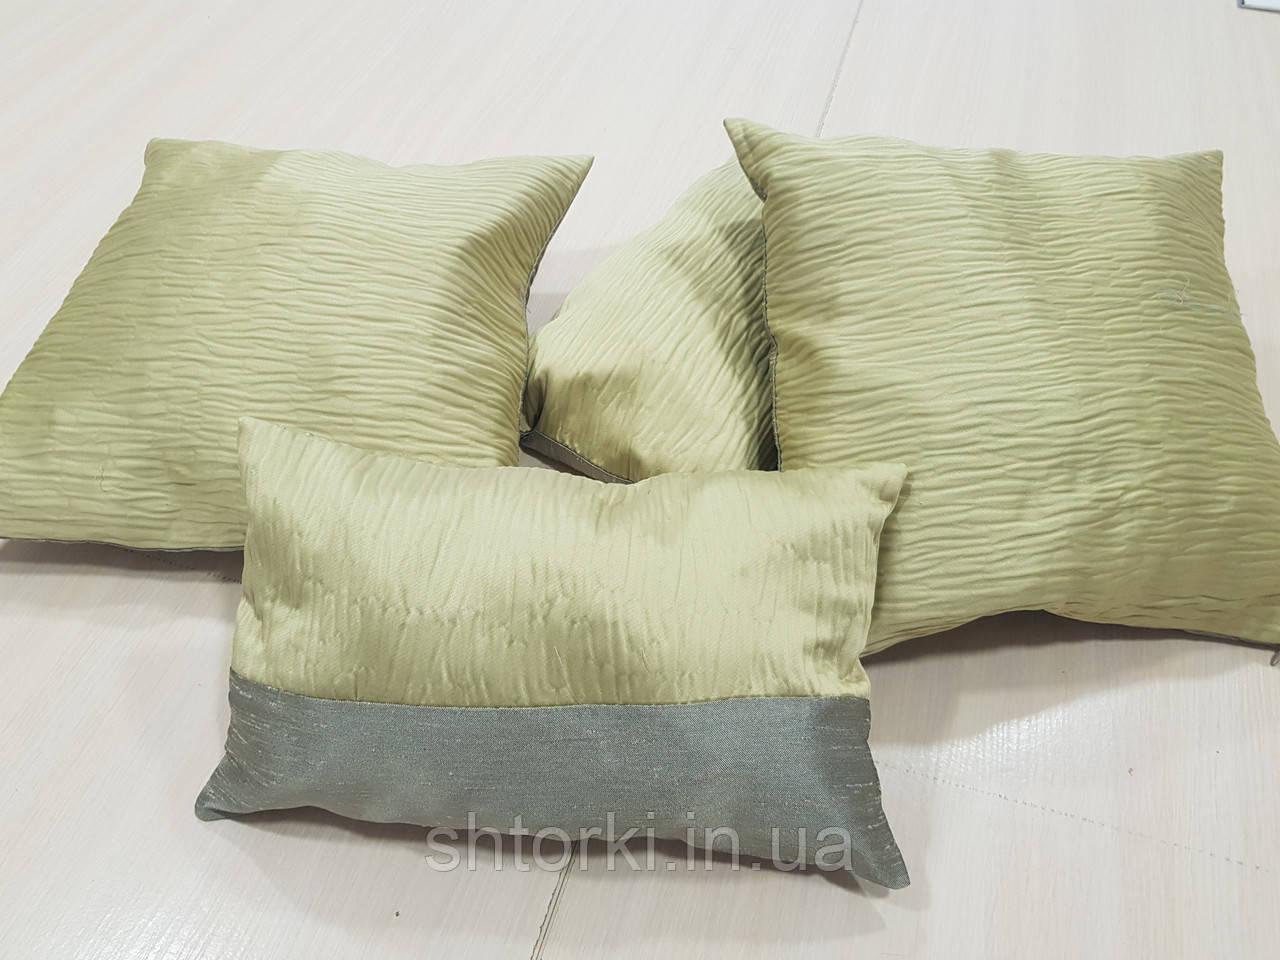 Комплект подушек Салатовая с серым жаточка, 4шт